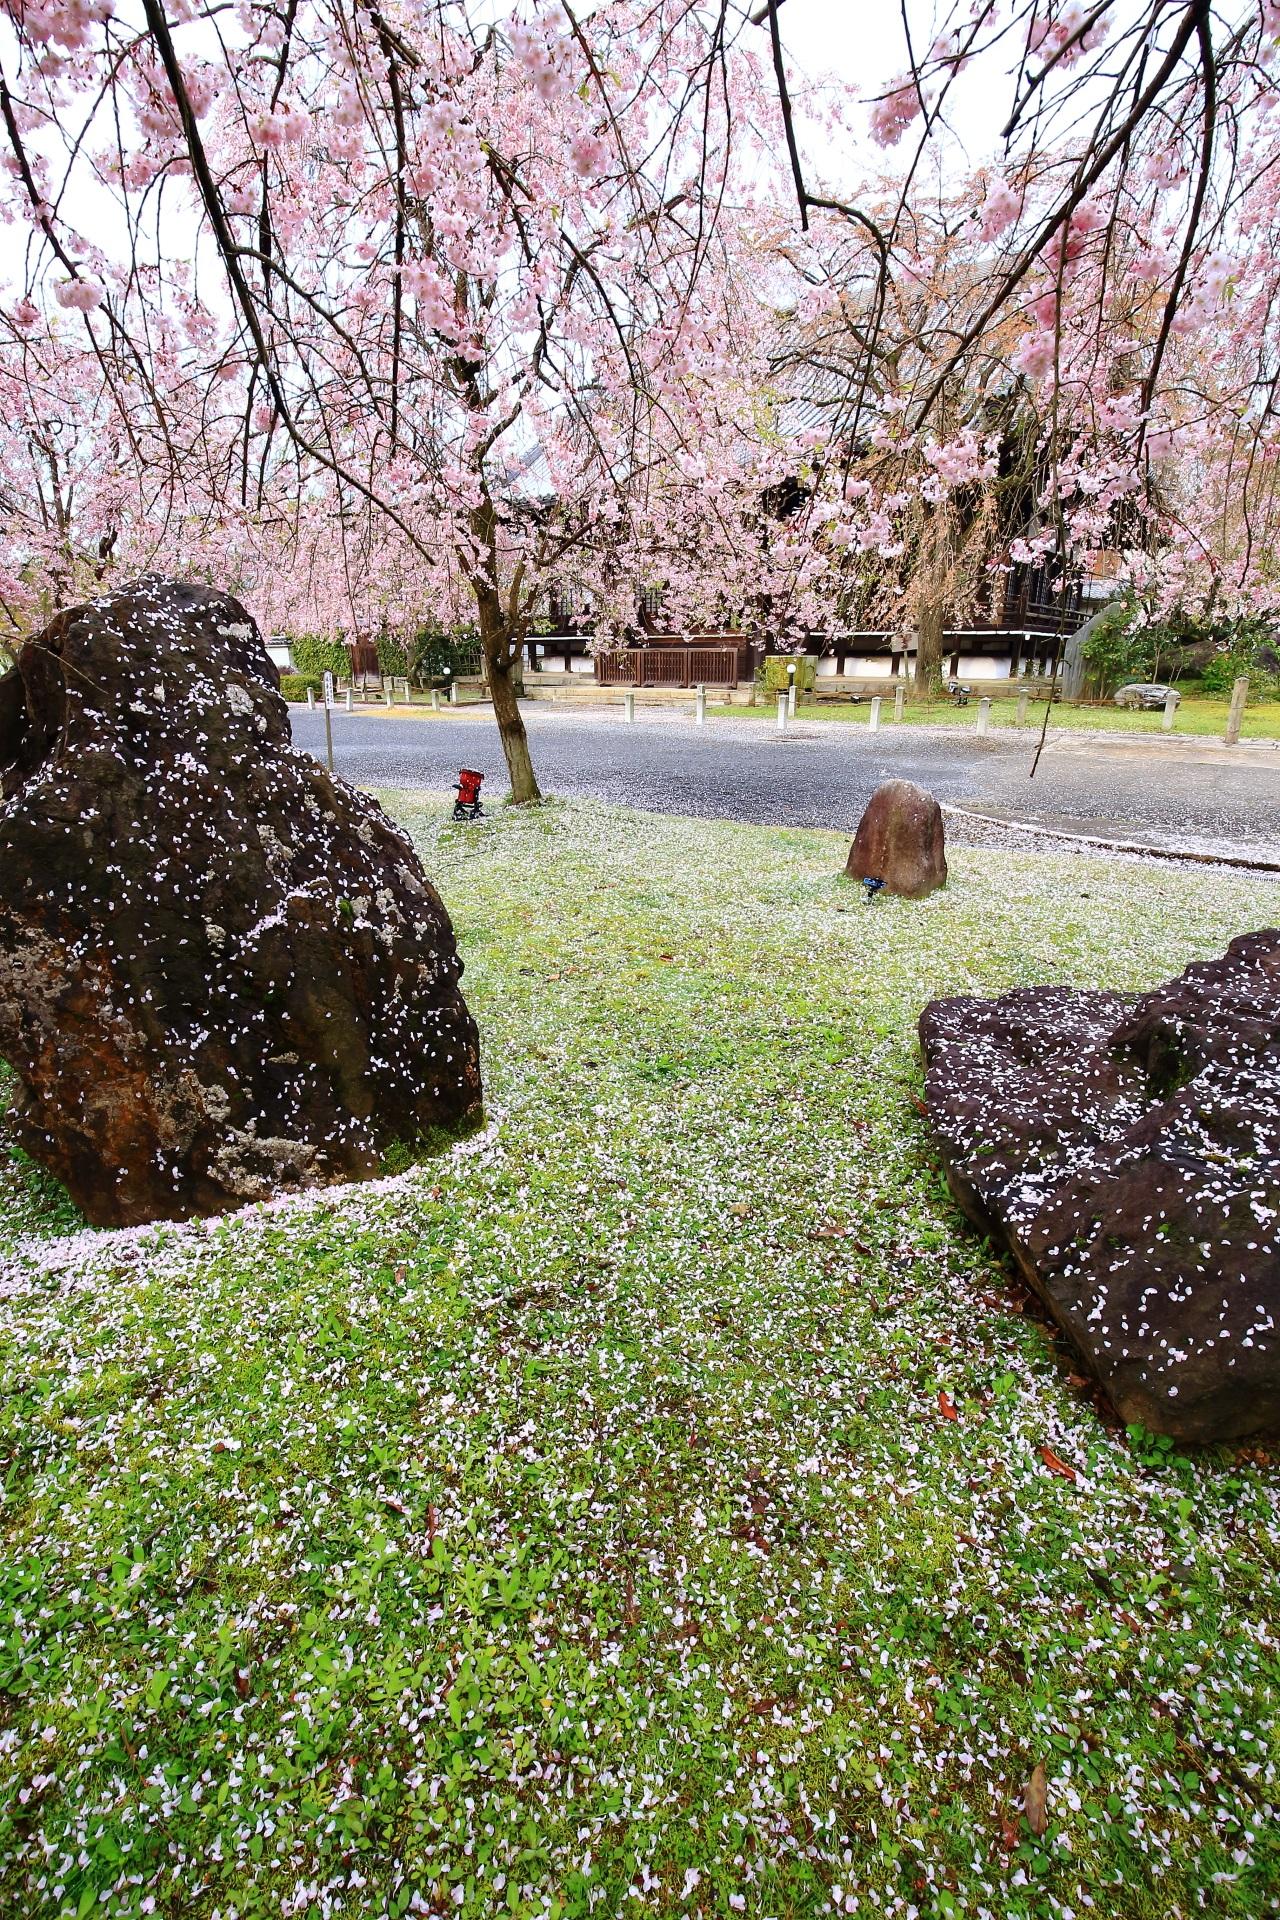 散り桜の華やかで幻想的な情景